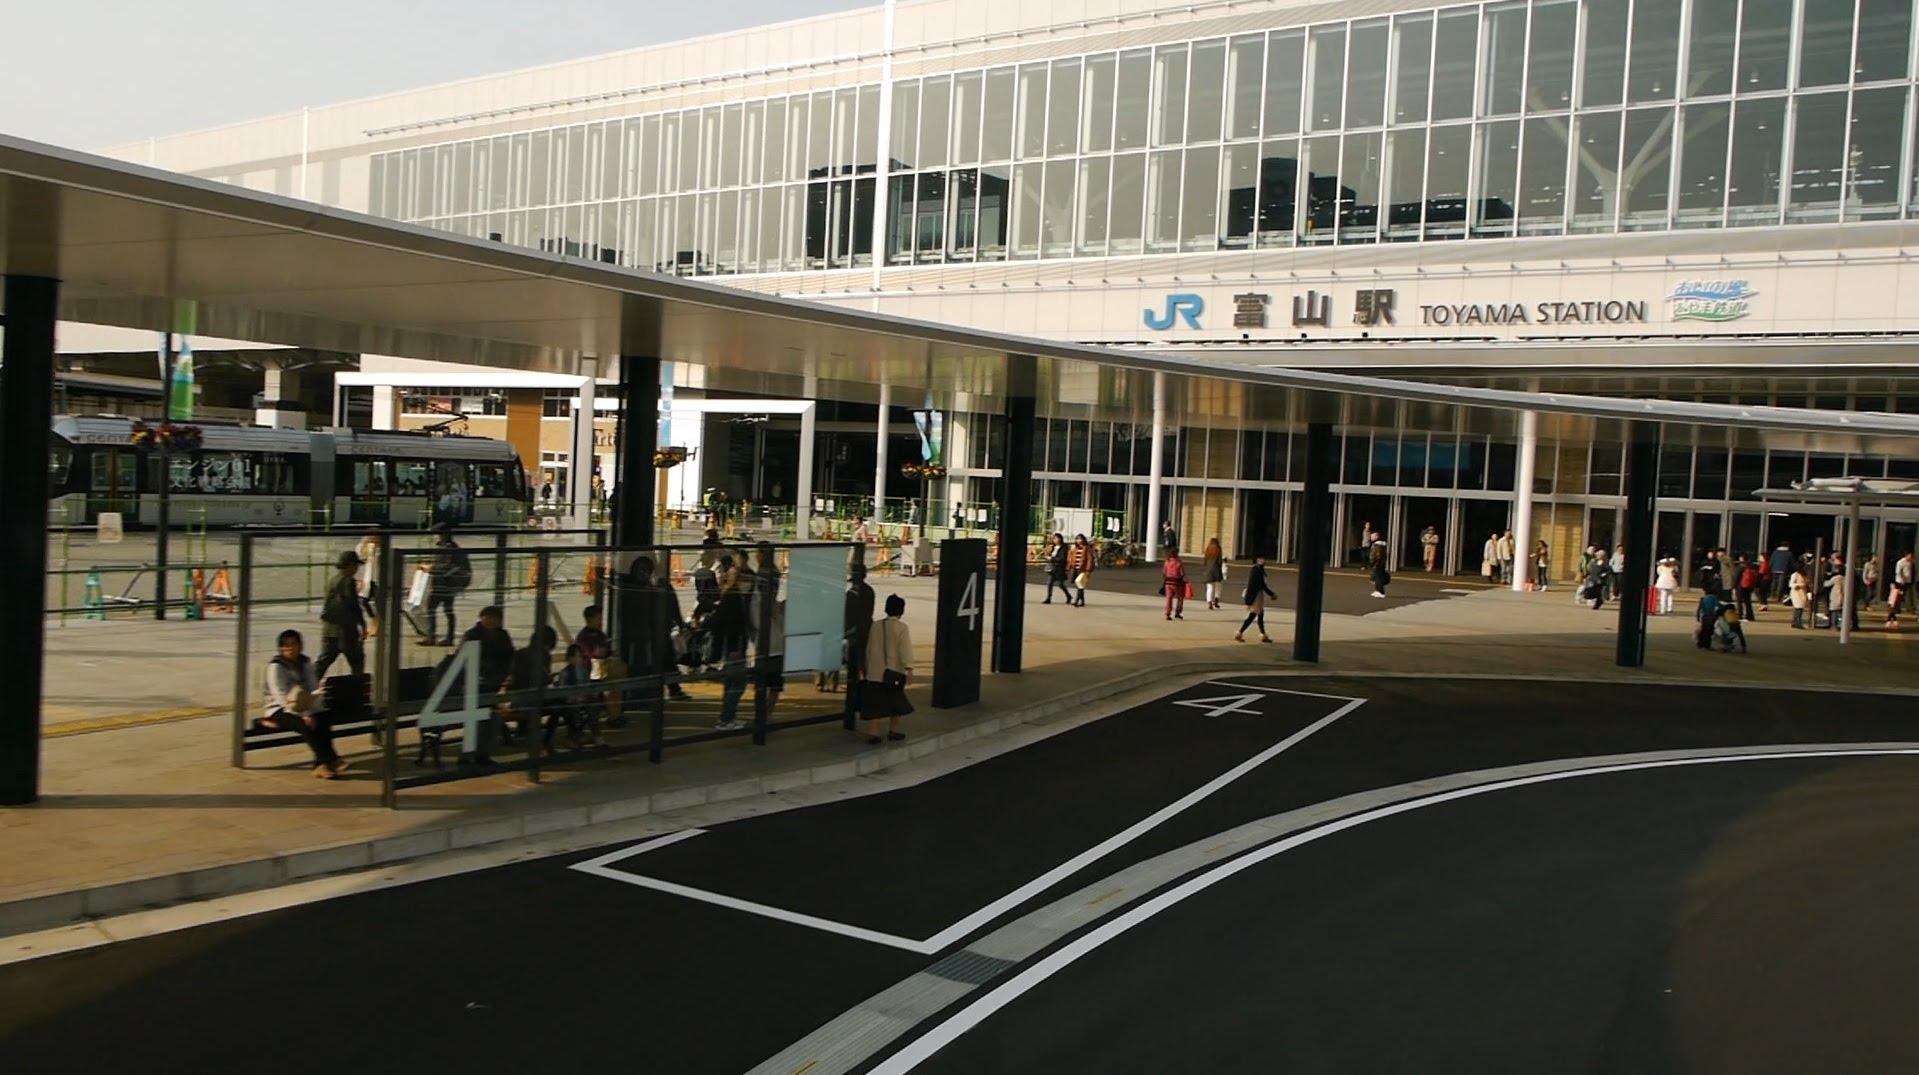 西日本JRバス 北陸道昼特急大阪3号 前面展望 金沢駅東口~富山駅南口(新ターミナル)